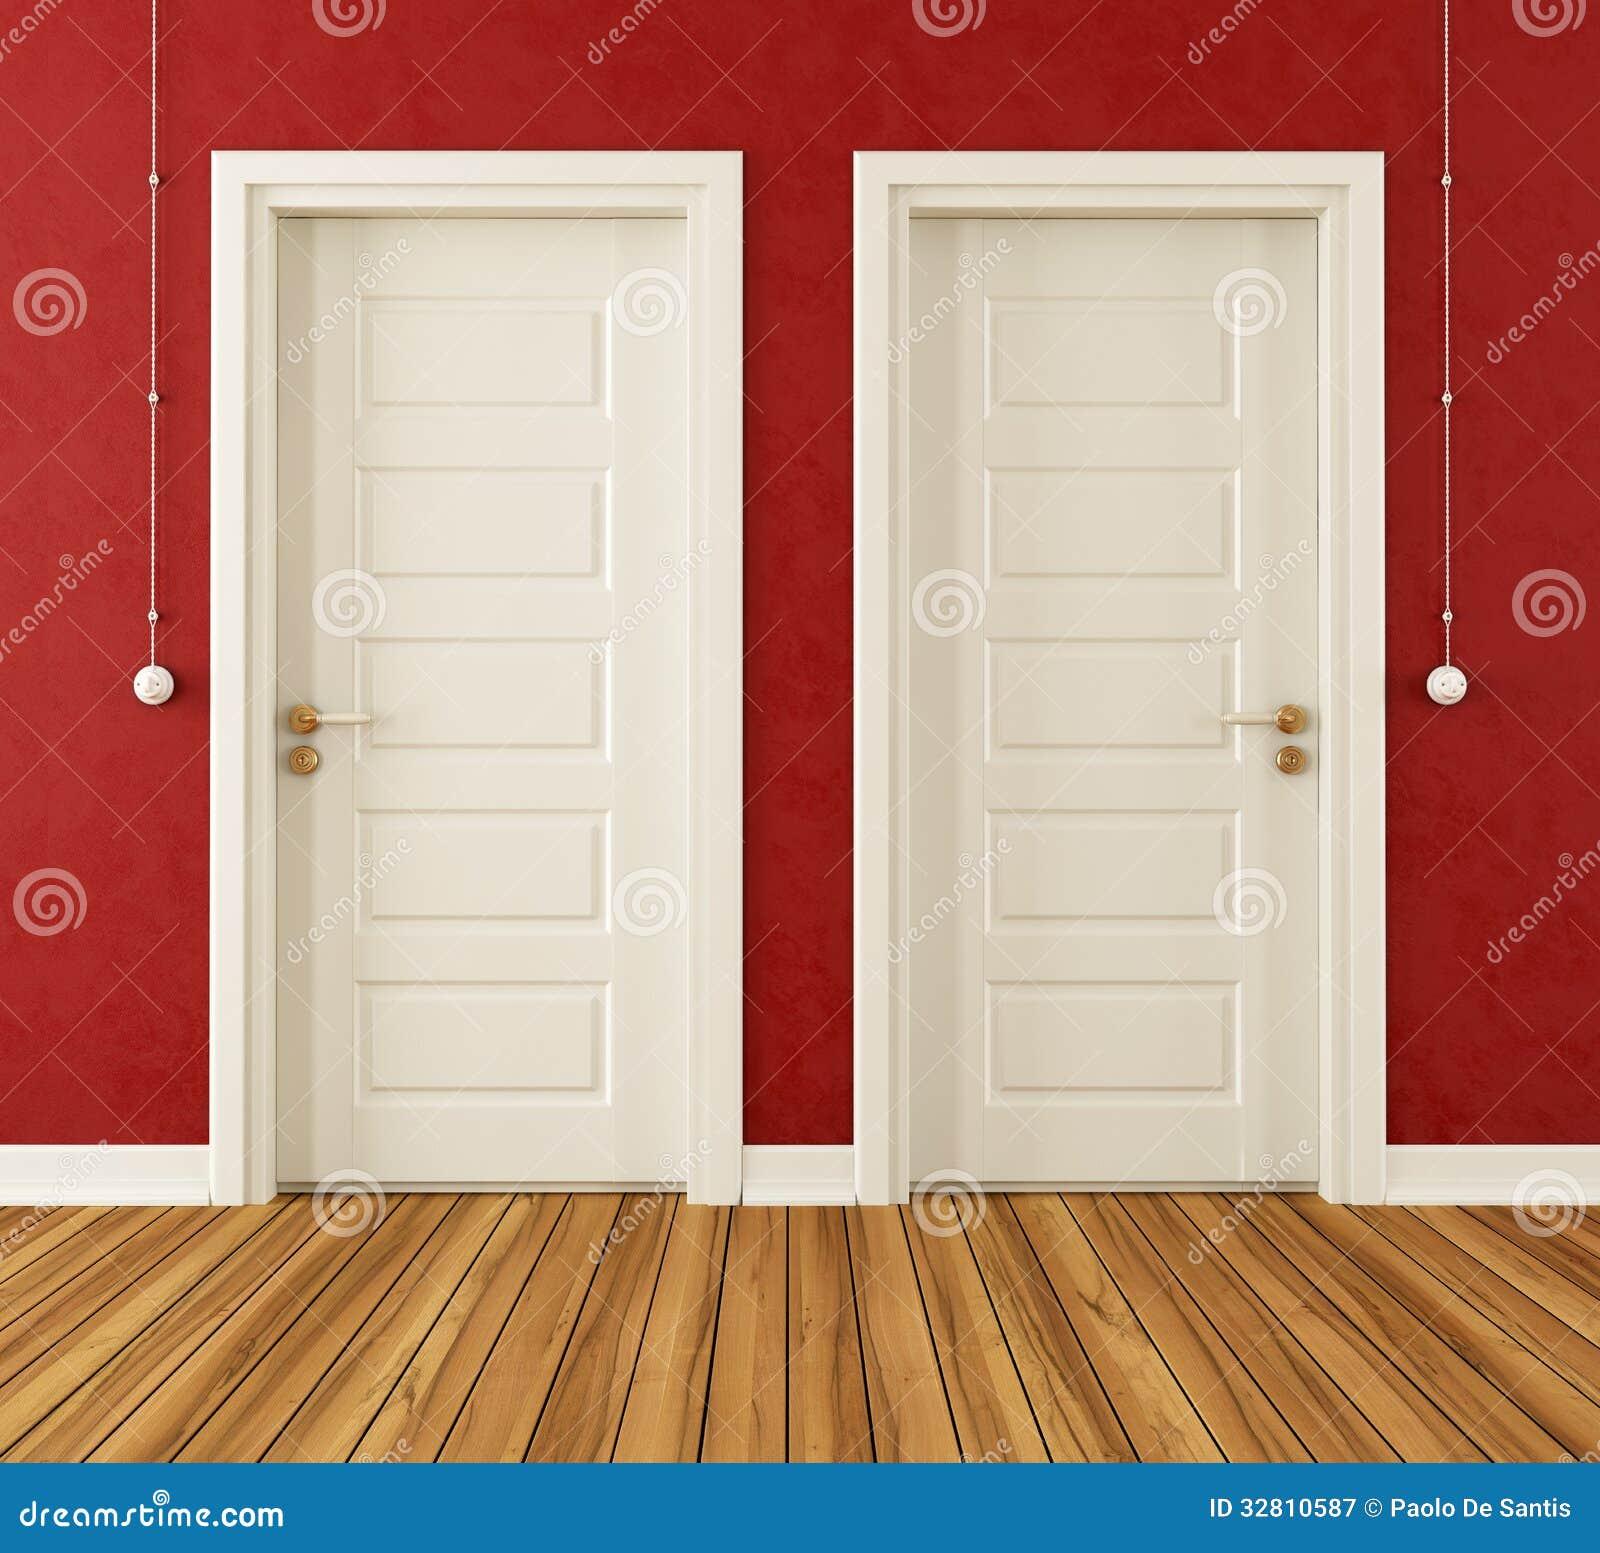 Detalle de dos puertas blancas stock de ilustraci n for Puertas 3 de febrero